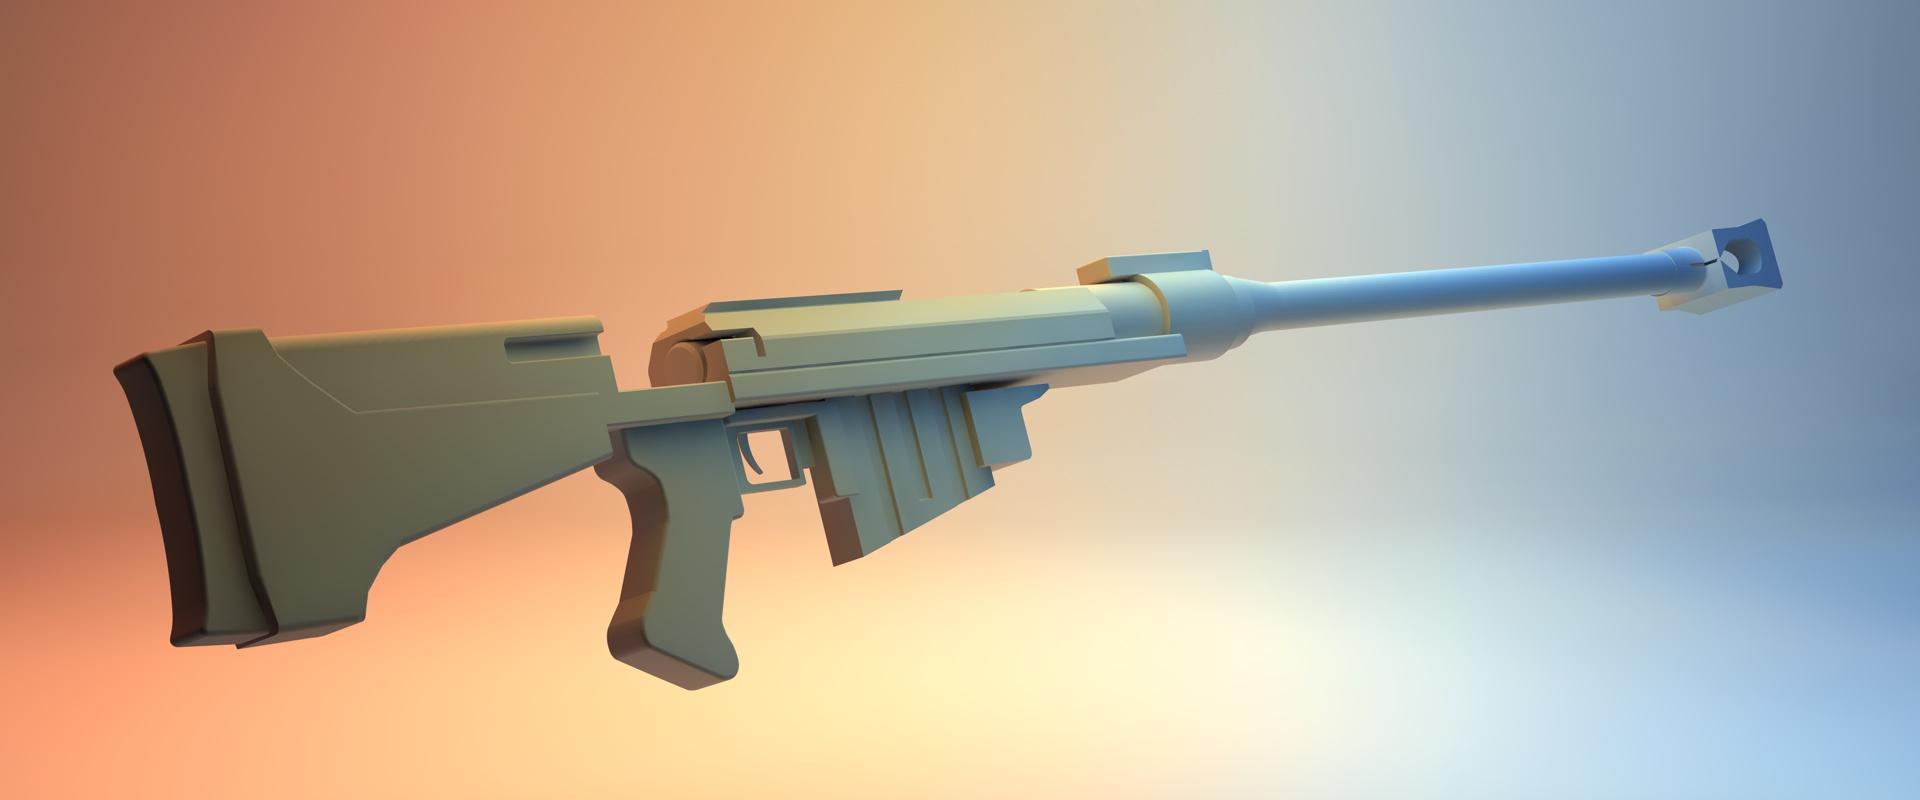 how to design a 3d printable replica gun